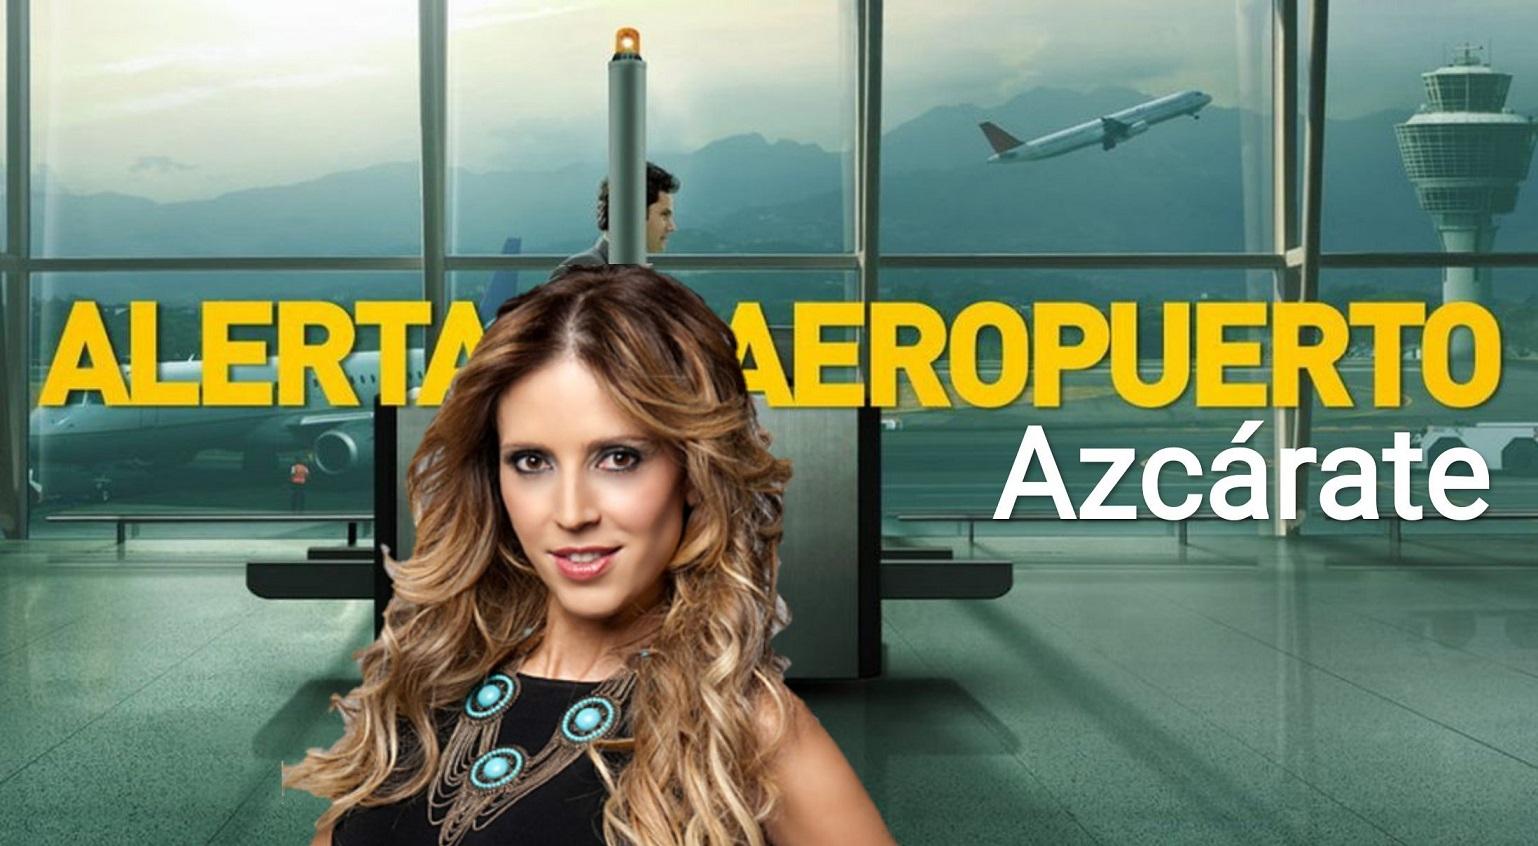 Lluvia de memes a Alejandra Azcárate por lo sucedido con el avión de su esposo